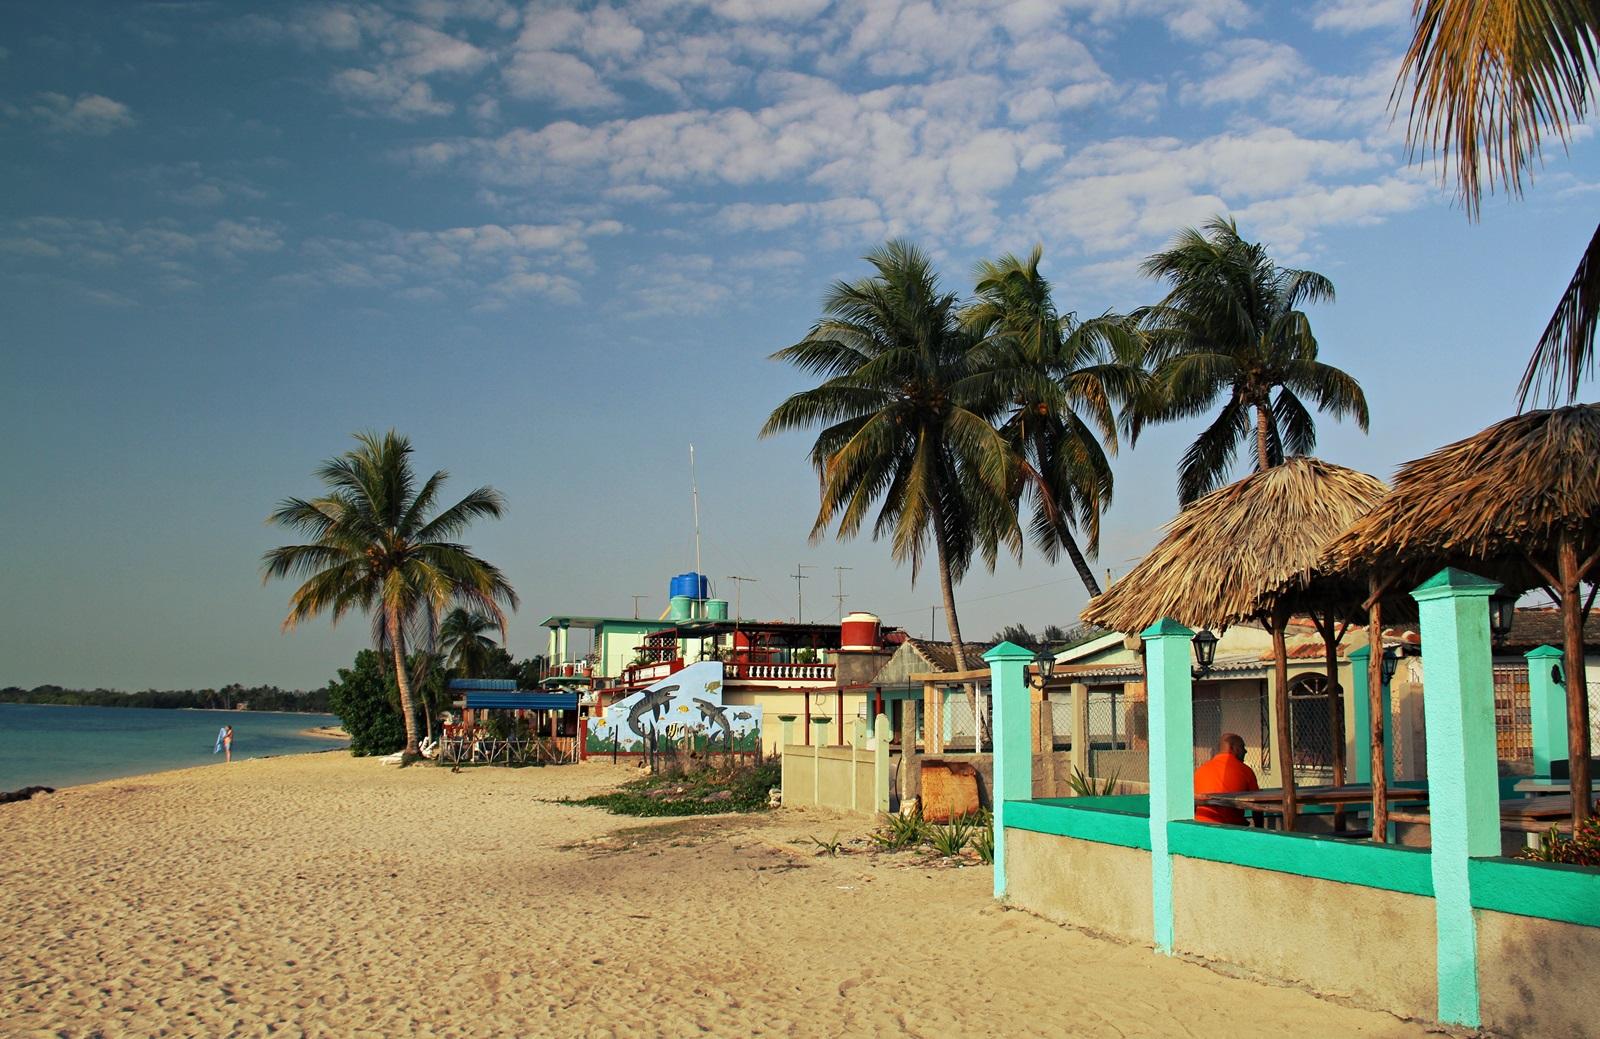 Vår favoritt familieferie er Playa Larga hvor vi bor i et strandhus